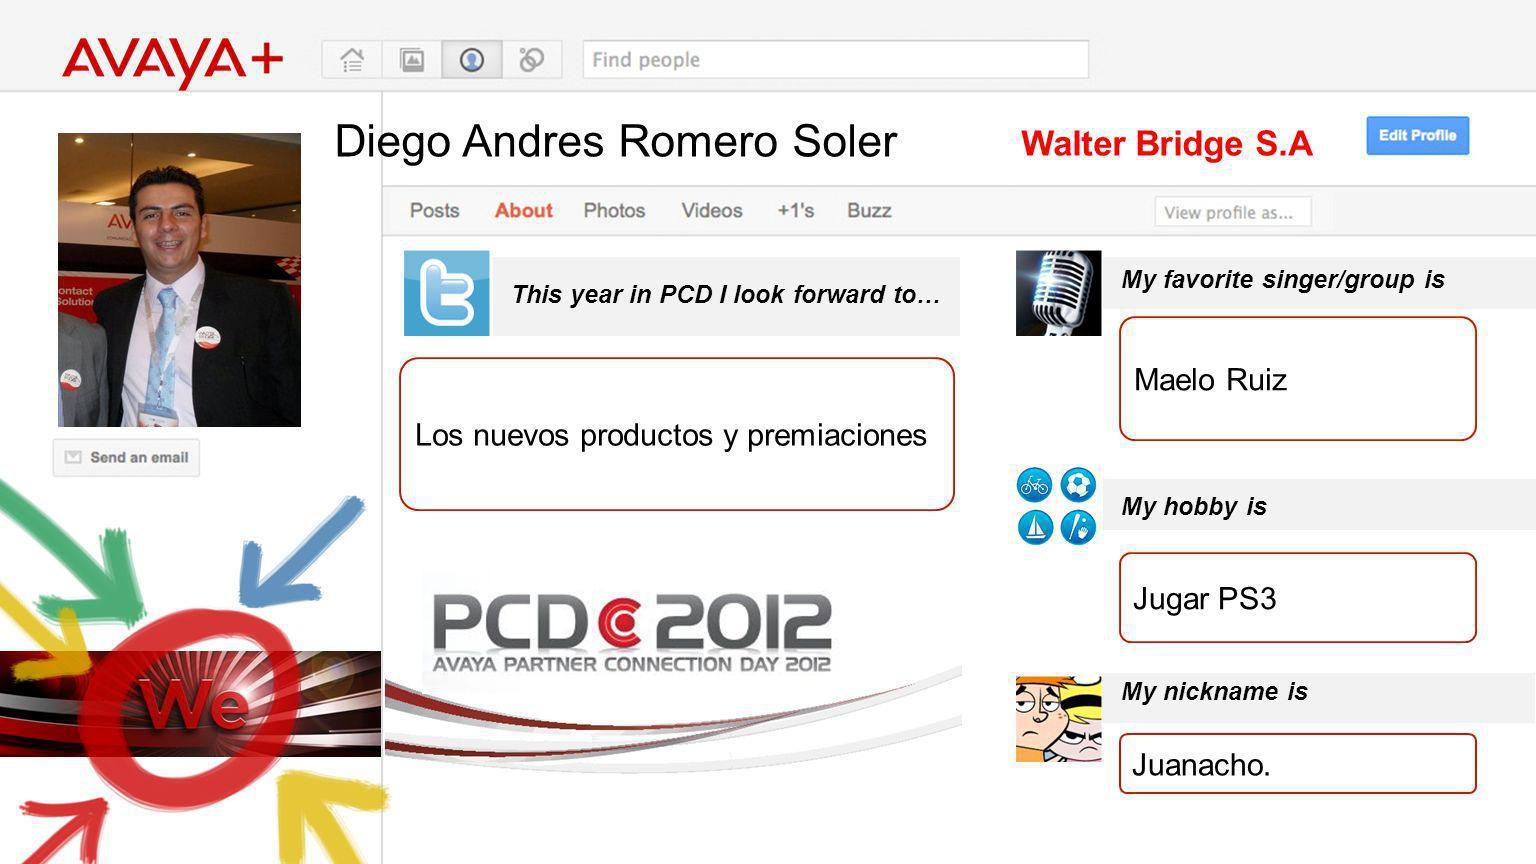 Diego Andres Romero Soler This year in PCD I look forward to… Walter Bridge S.A Los nuevos productos y premiaciones My favorite singer/group is My hob